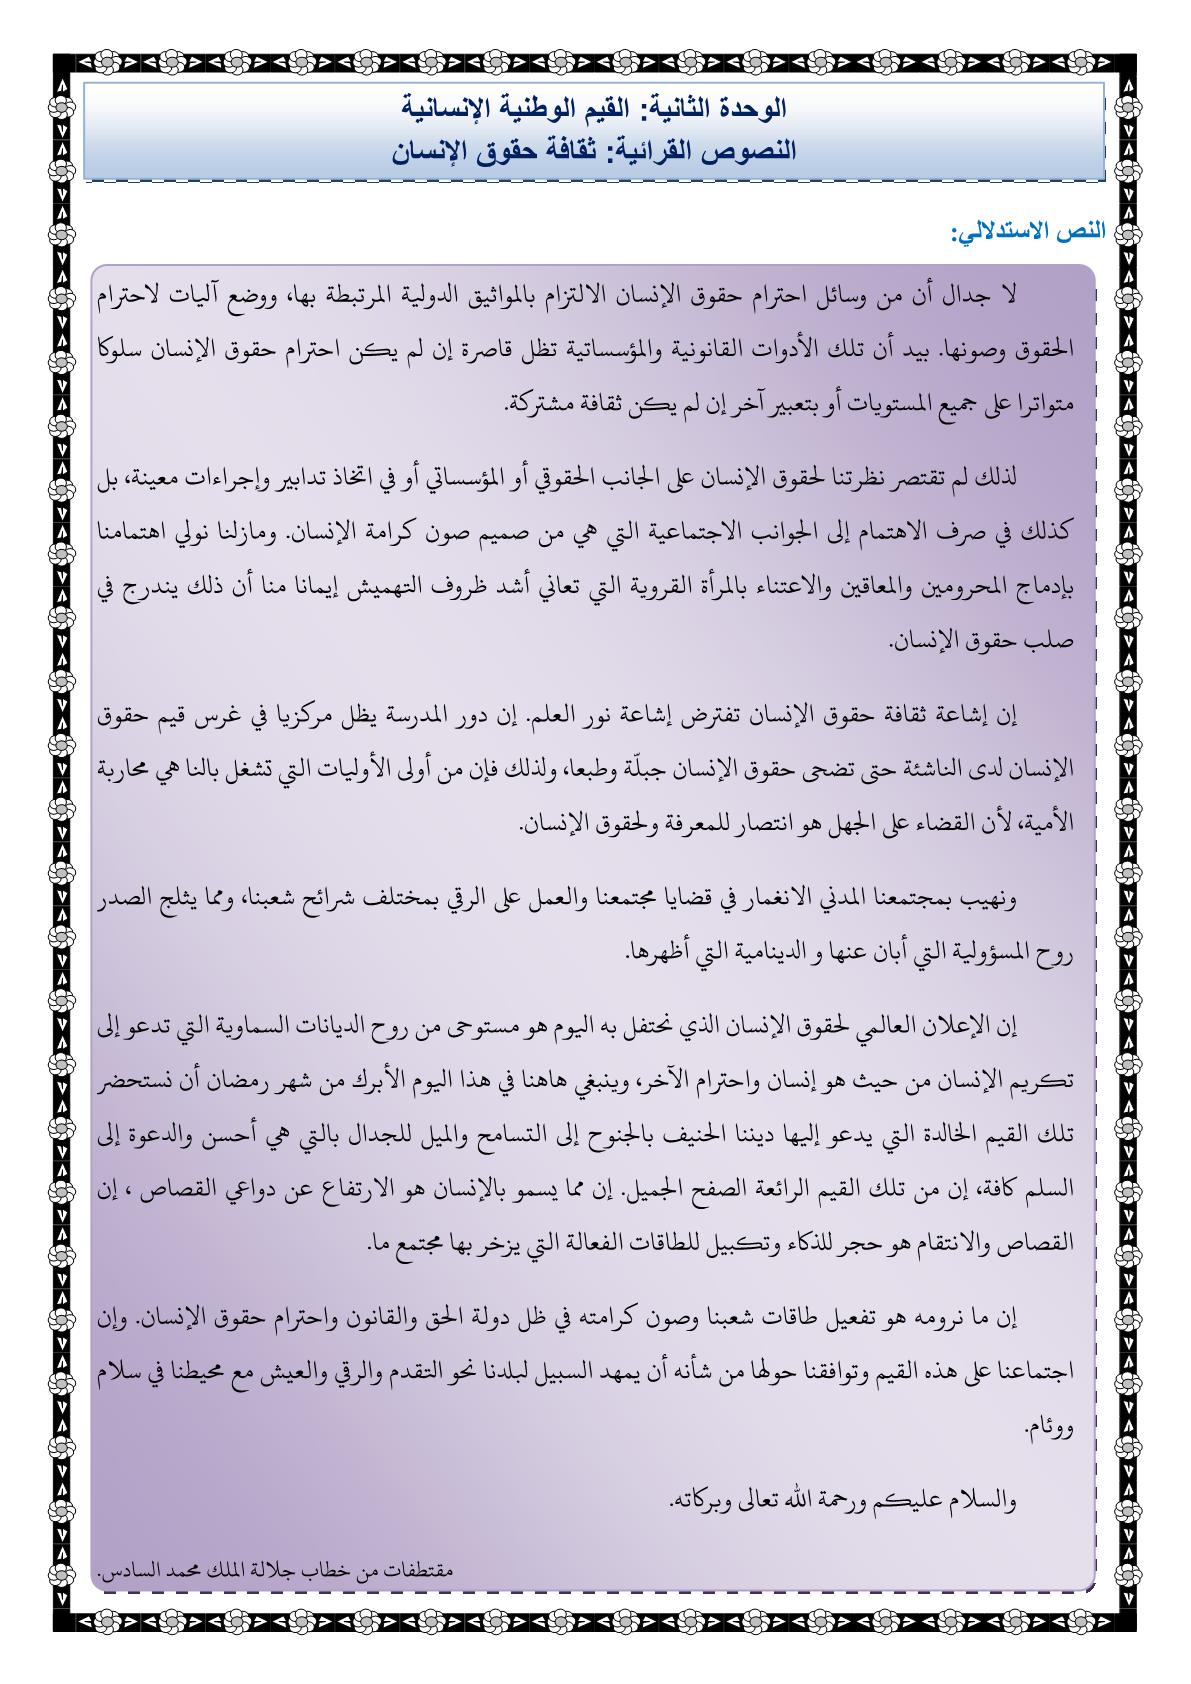 درس ثقافة حقوق الإنسان مادة اللغة العربية للسنة الثانية اعدادي